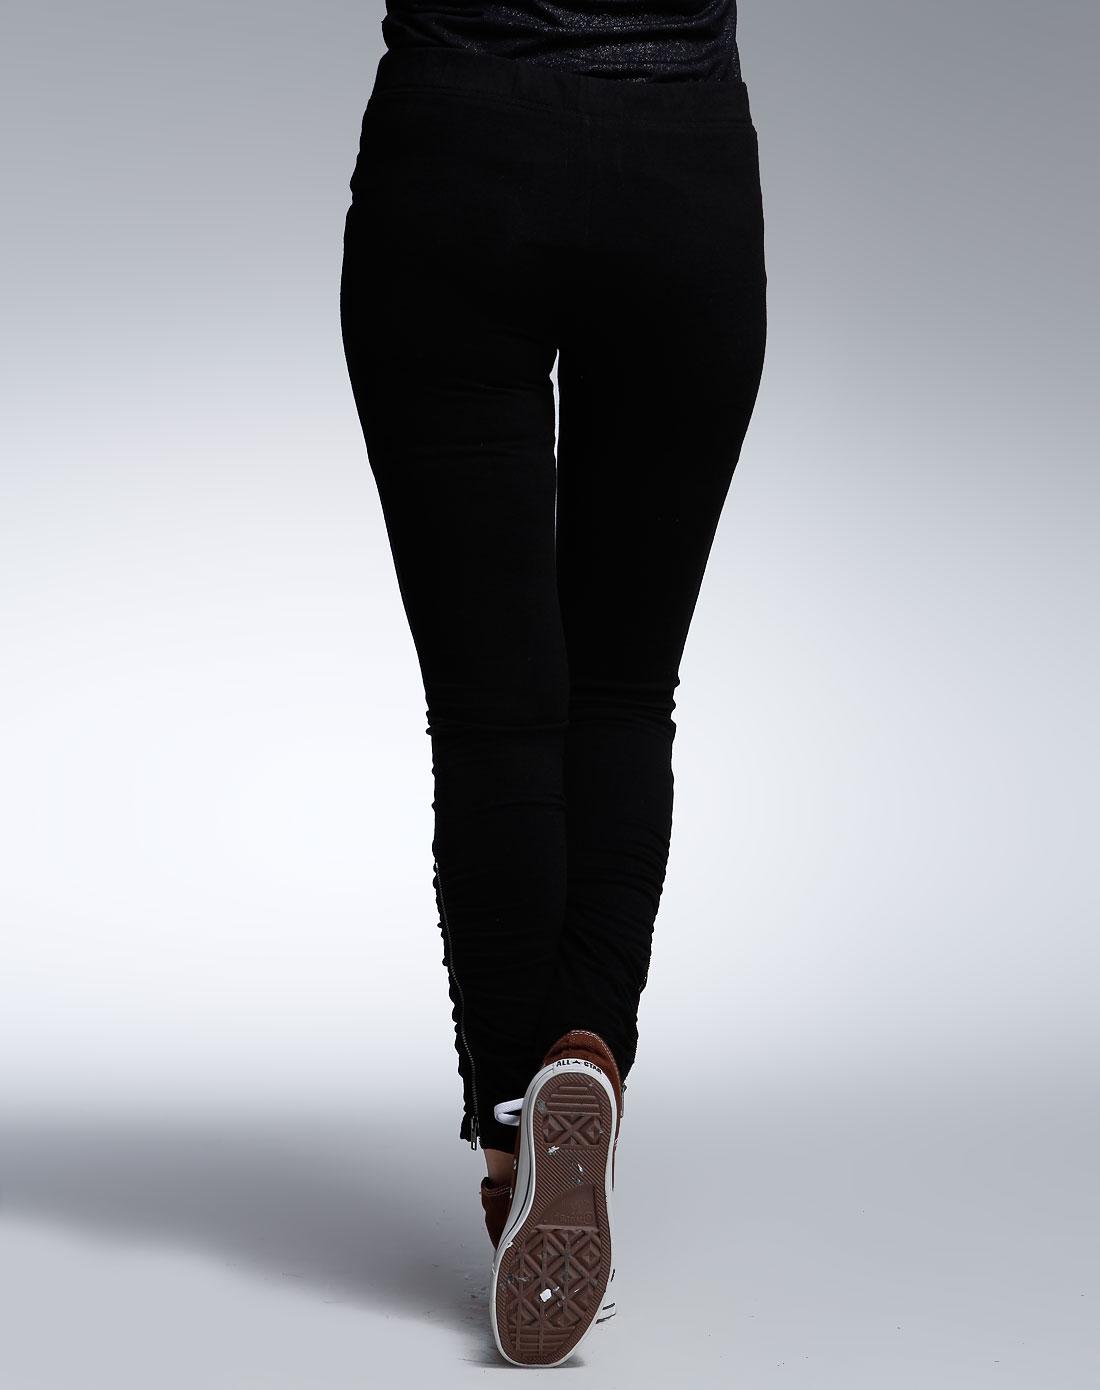 女款黑色休闲裤